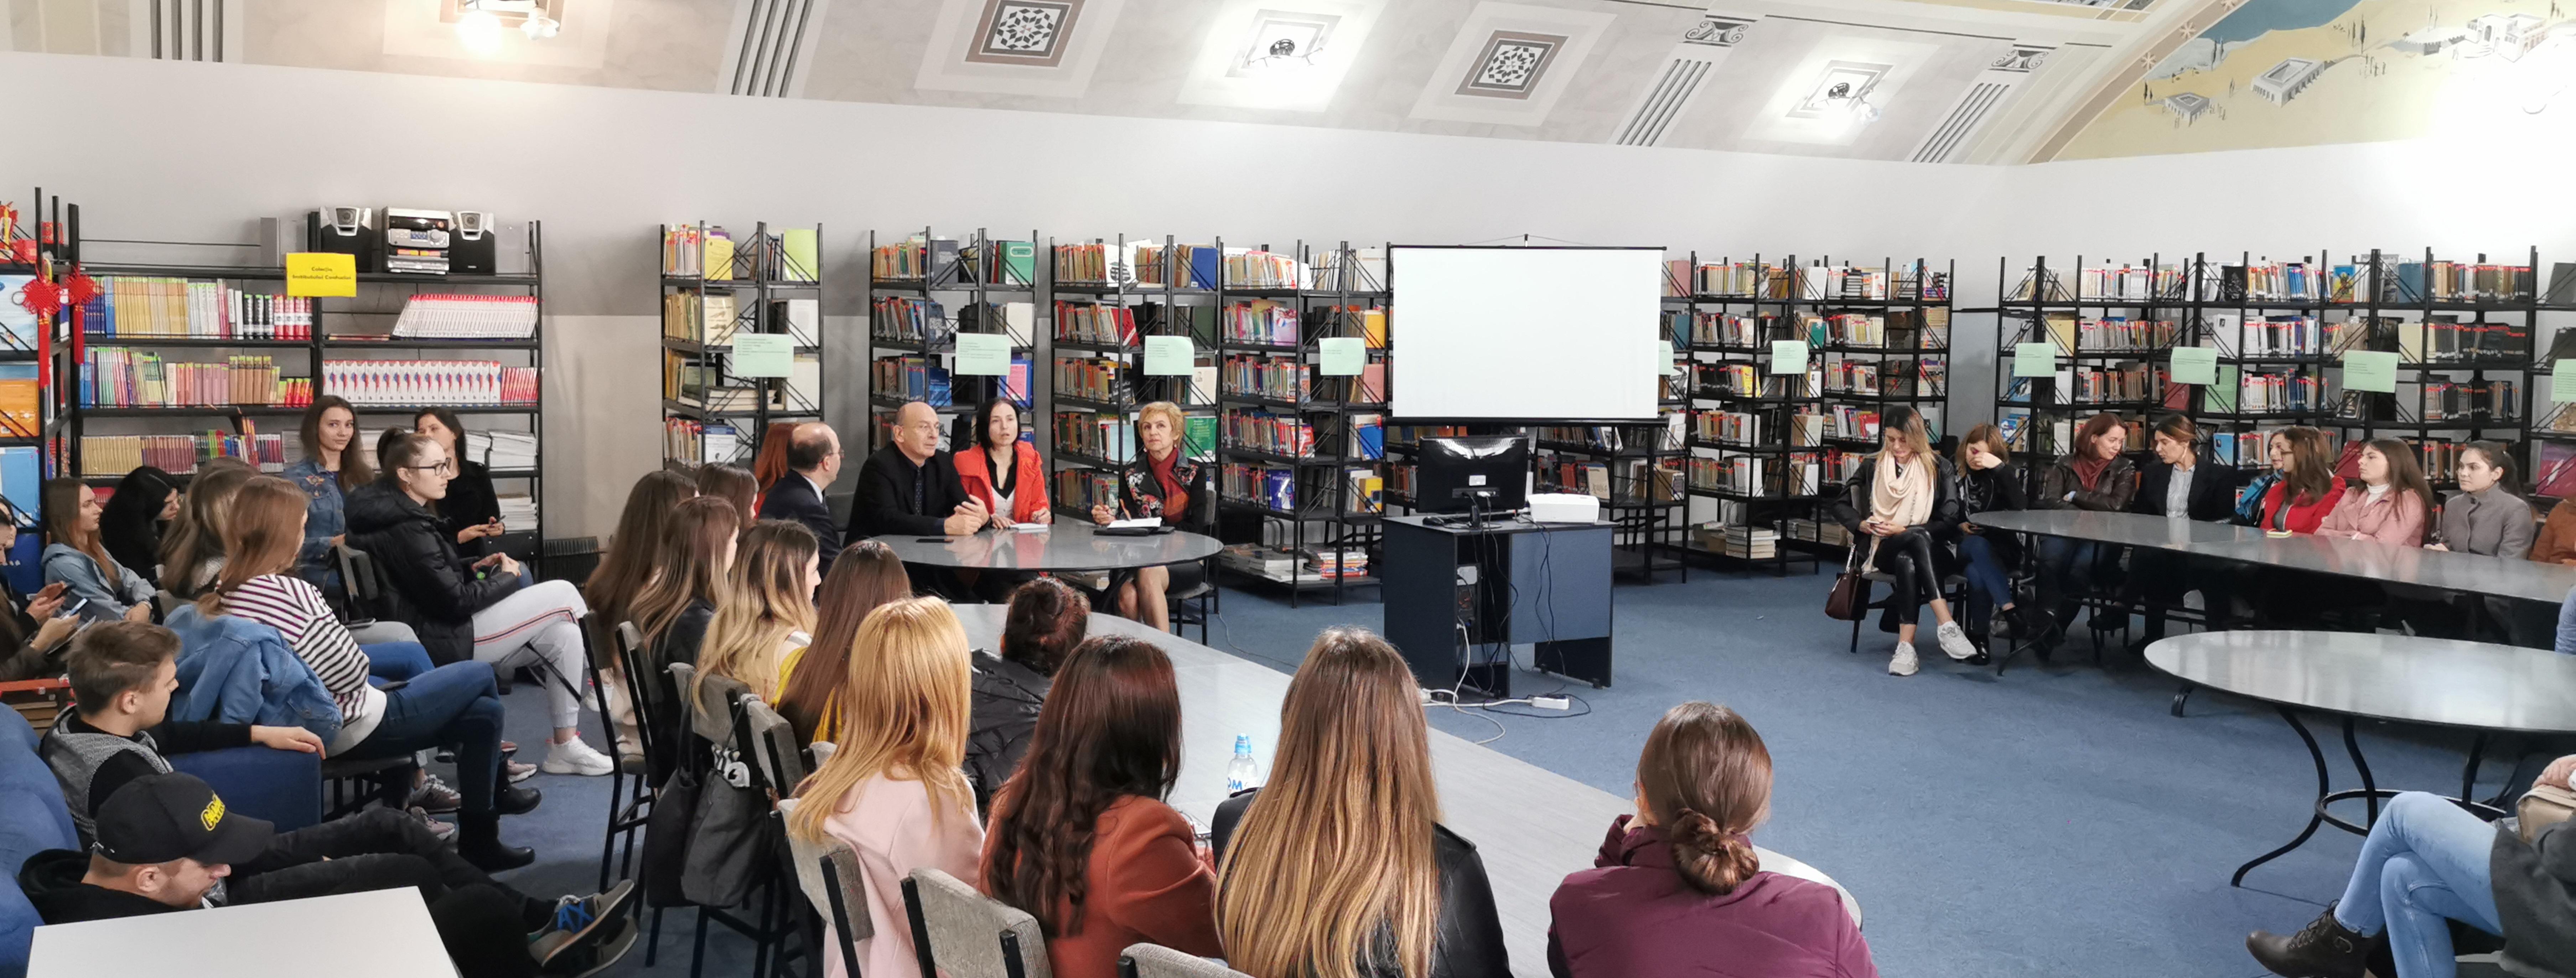 Studenții ULIM au beneficiat de un seminar de informare în domeniul sănătății publice, susținut de expertul francez  de înalt nivel François Bourdillon